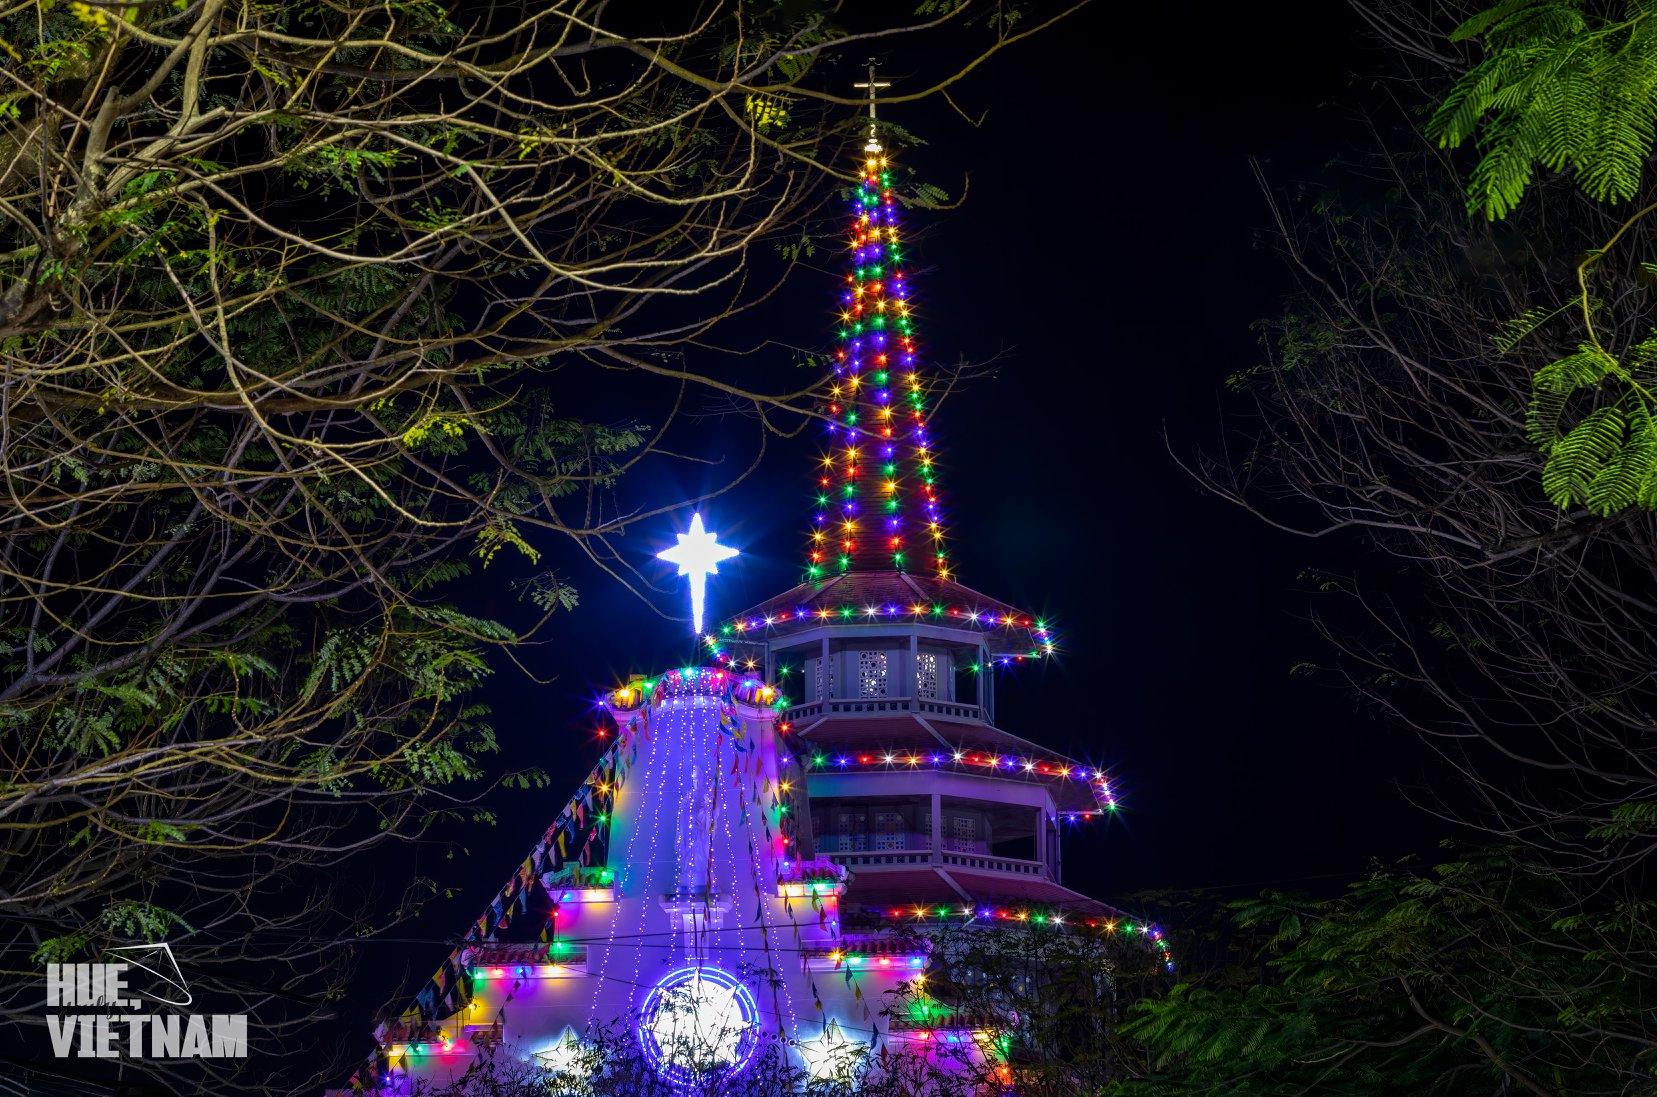 Dòng Chúa Cứu Thể nổi bật ở giữa một tháp chuông cao vút hình bát giác với mái giật cấp. Hình: Hue, truly Vietnam